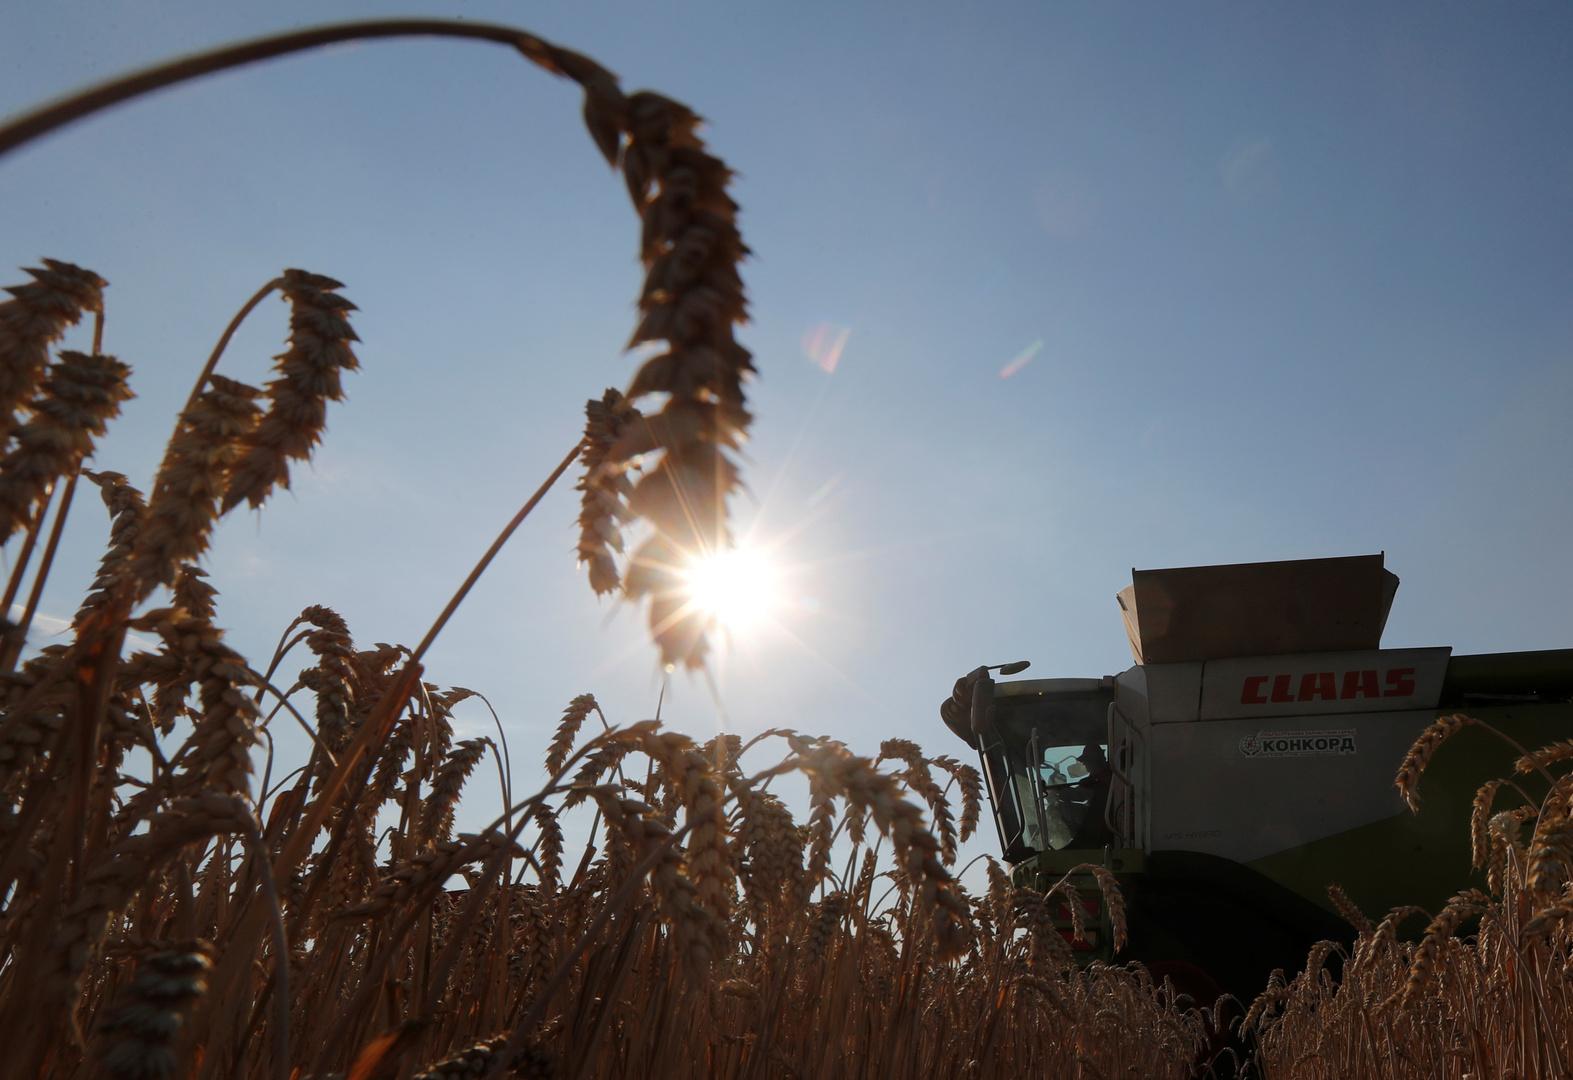 السعودية تشتري 725 ألف طن من الشعير